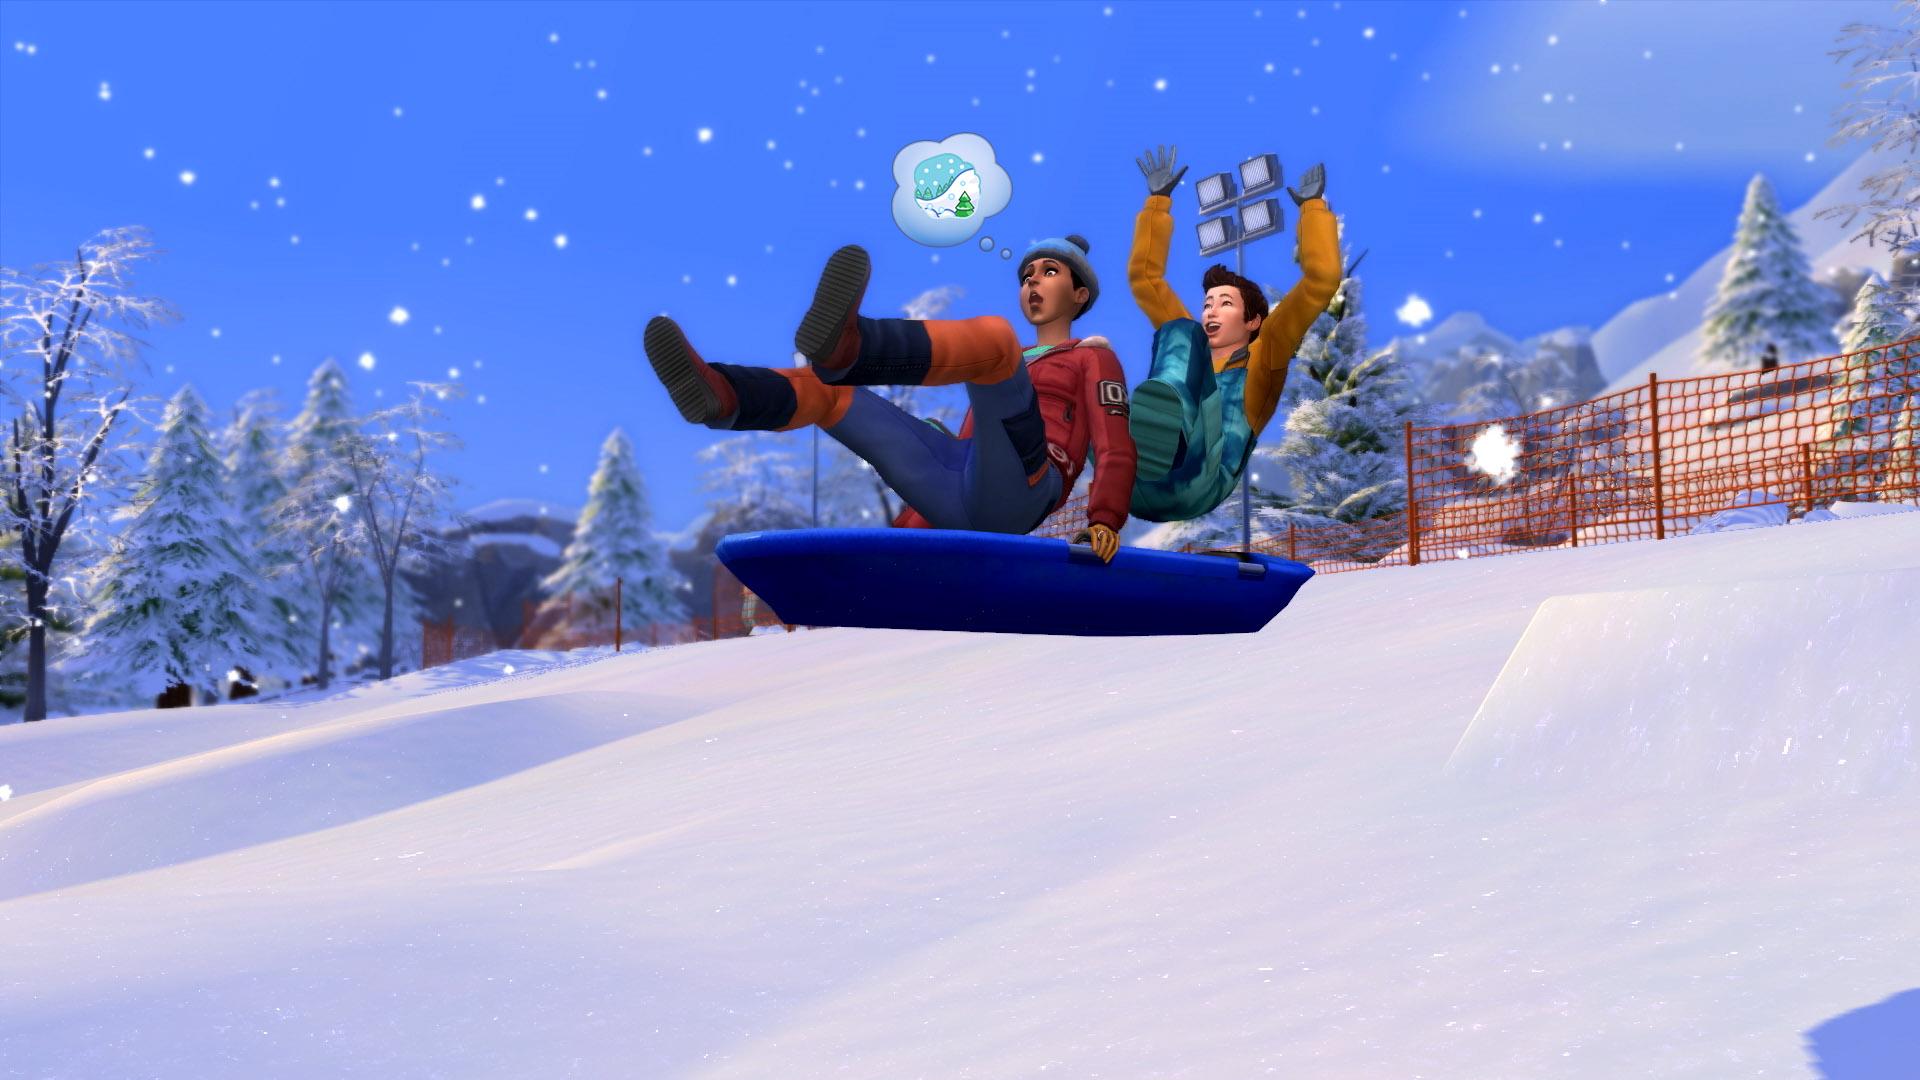 the sims 4 snowy escape wallpaper 73085